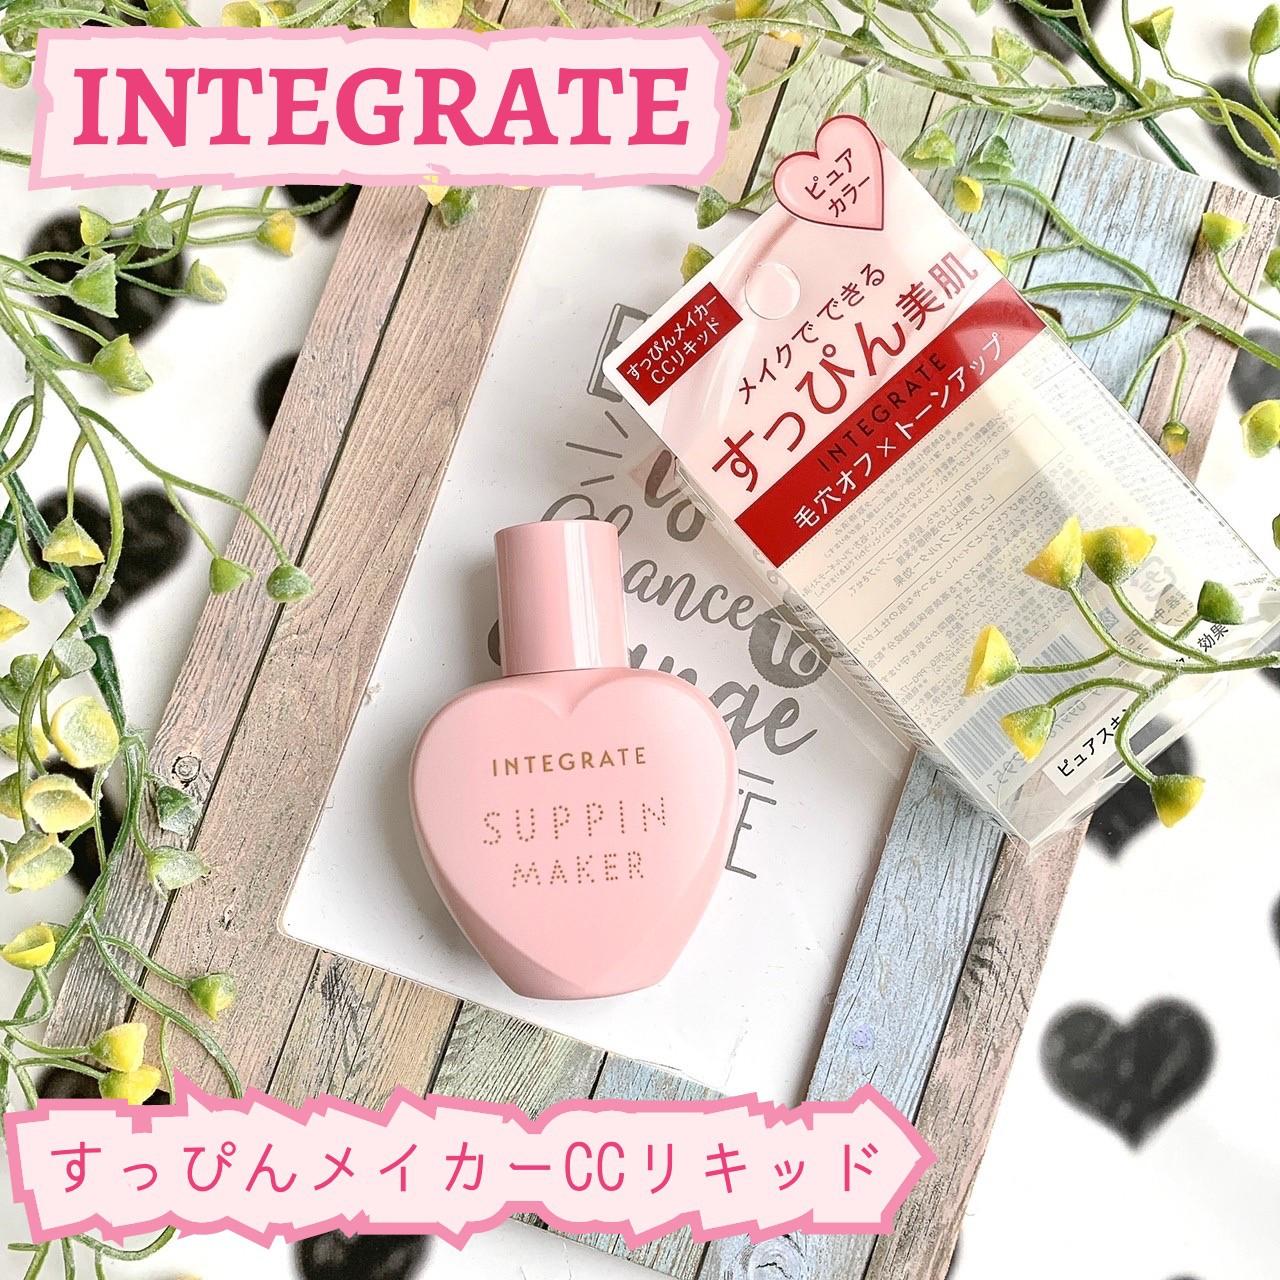 INTEGRATE(インテグレート) すっぴんメイカー CCリキッドの良い点・メリットに関するkana_cafe_timeさんの口コミ画像1